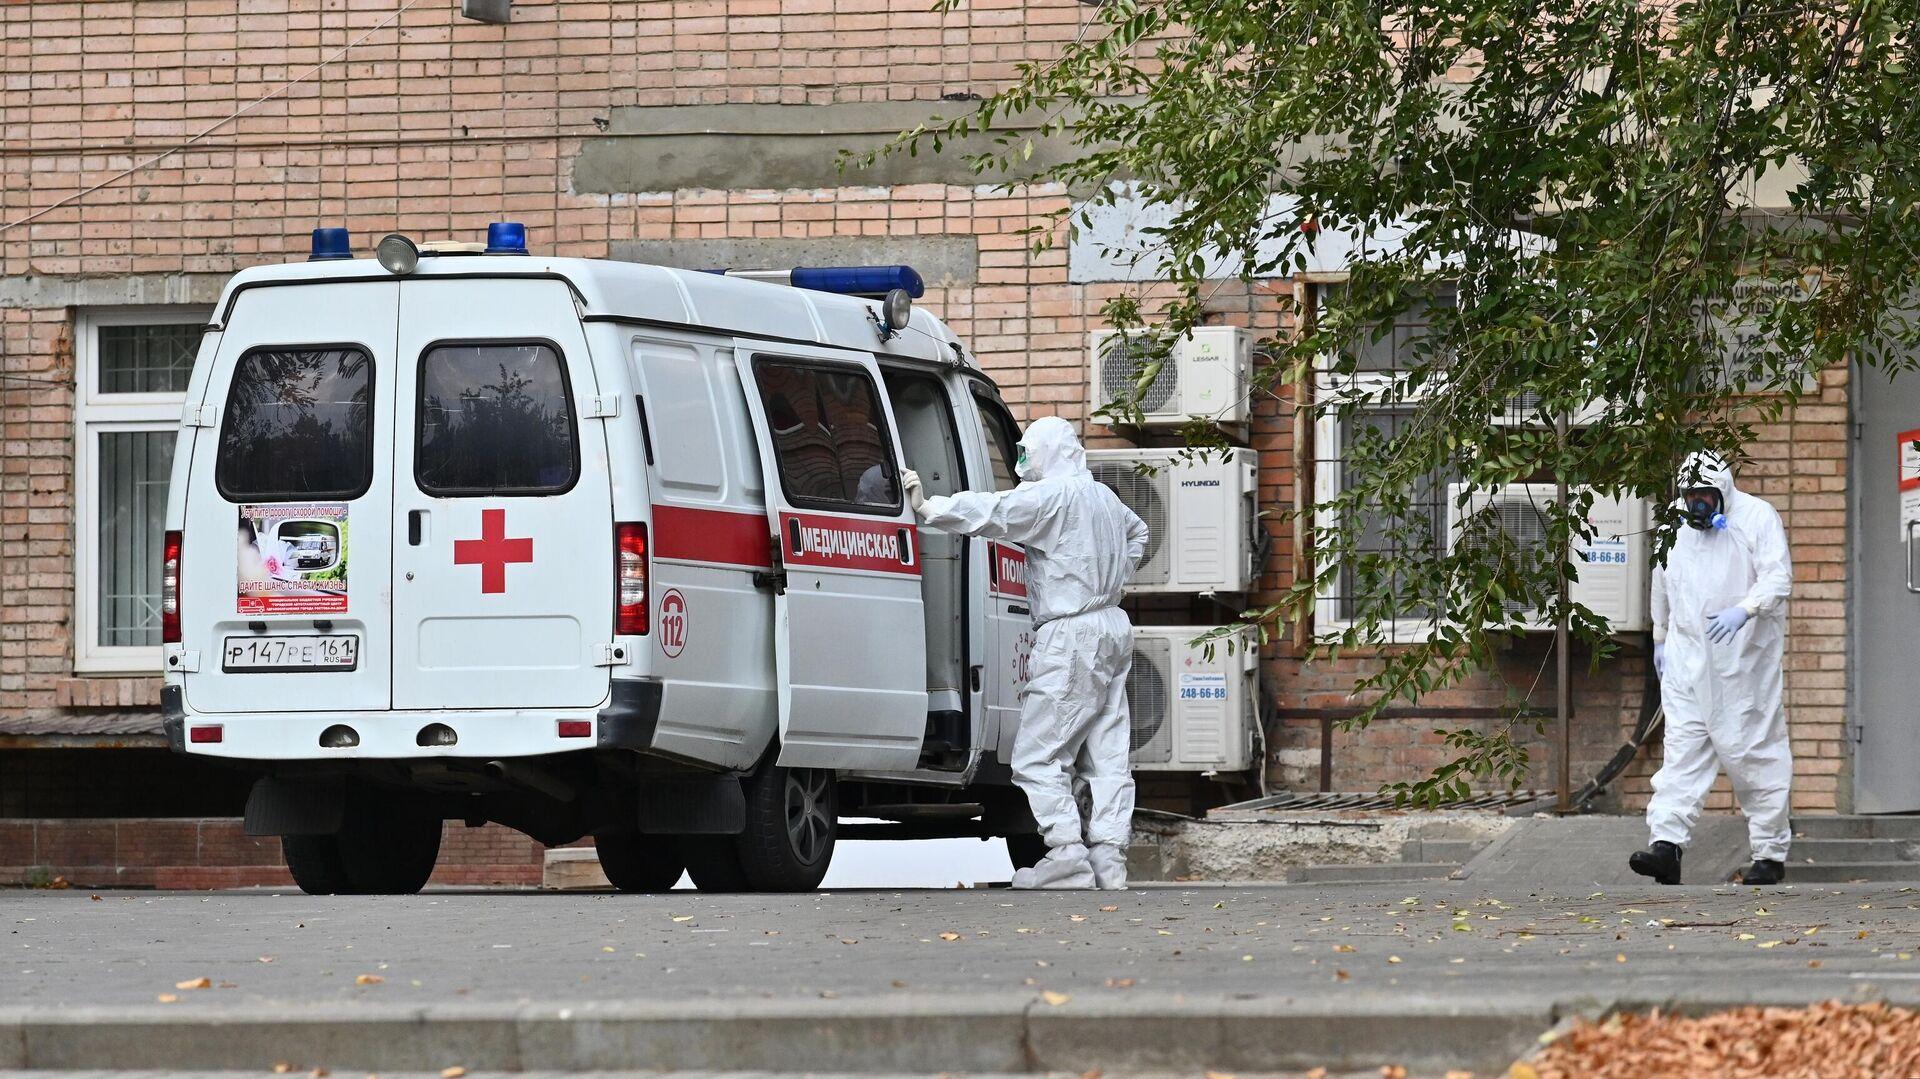 Из ростовской больницы, где умерли пациенты на ИВЛ, уволились три врача